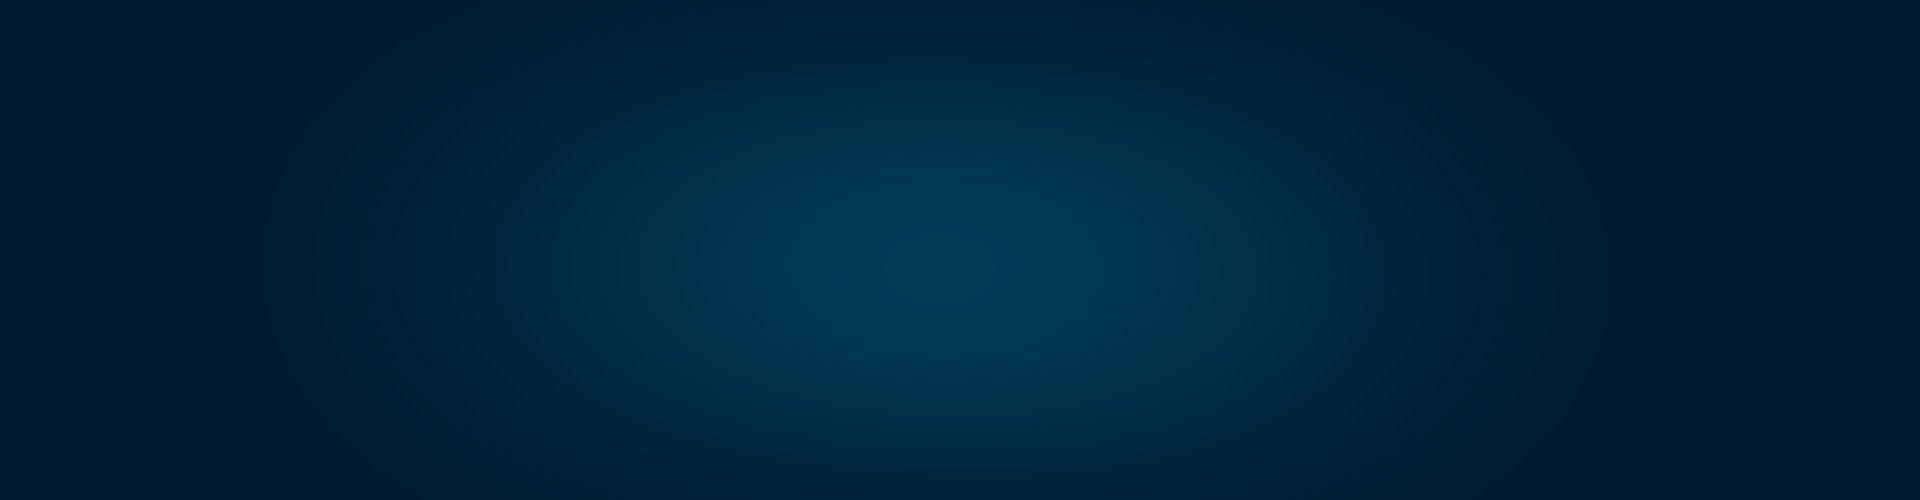 introbanner-bleu-1920x500